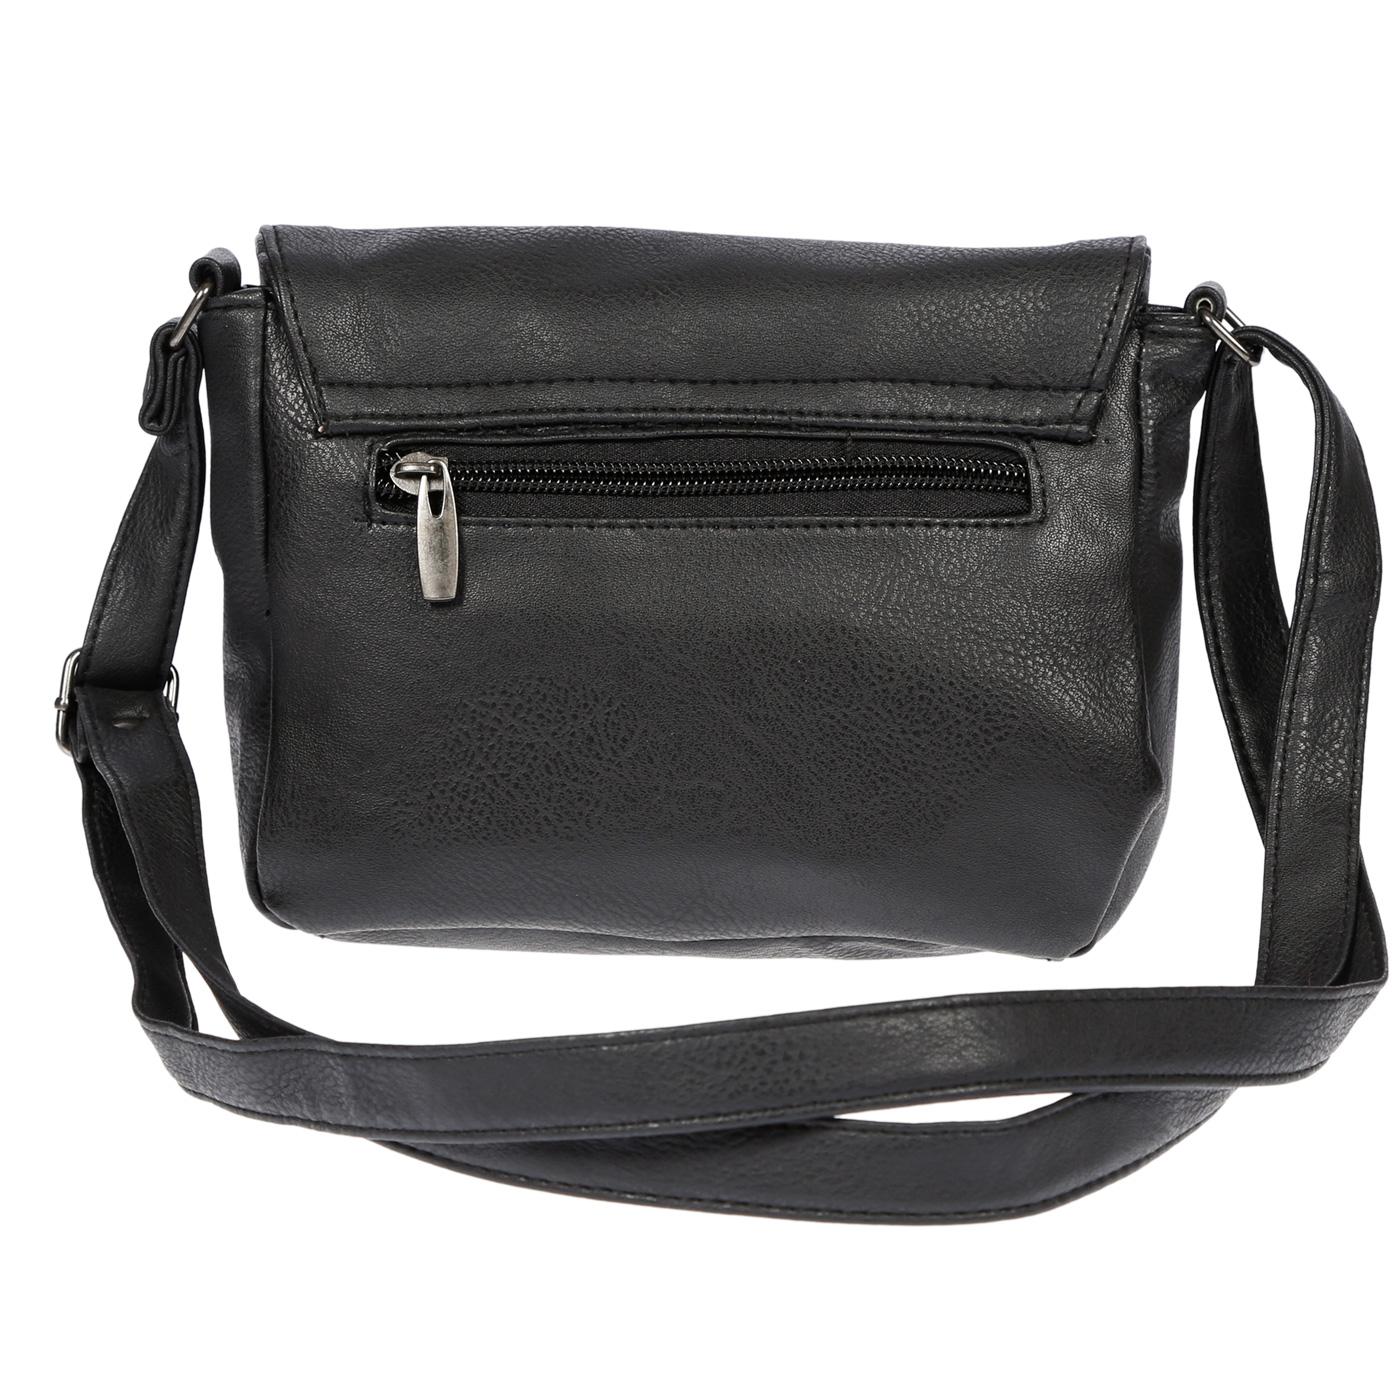 Kleine-Damen-Tasche-Umhaengetasche-Schultertasche-Crossover-Bag-Leder-Optik-NEU Indexbild 16